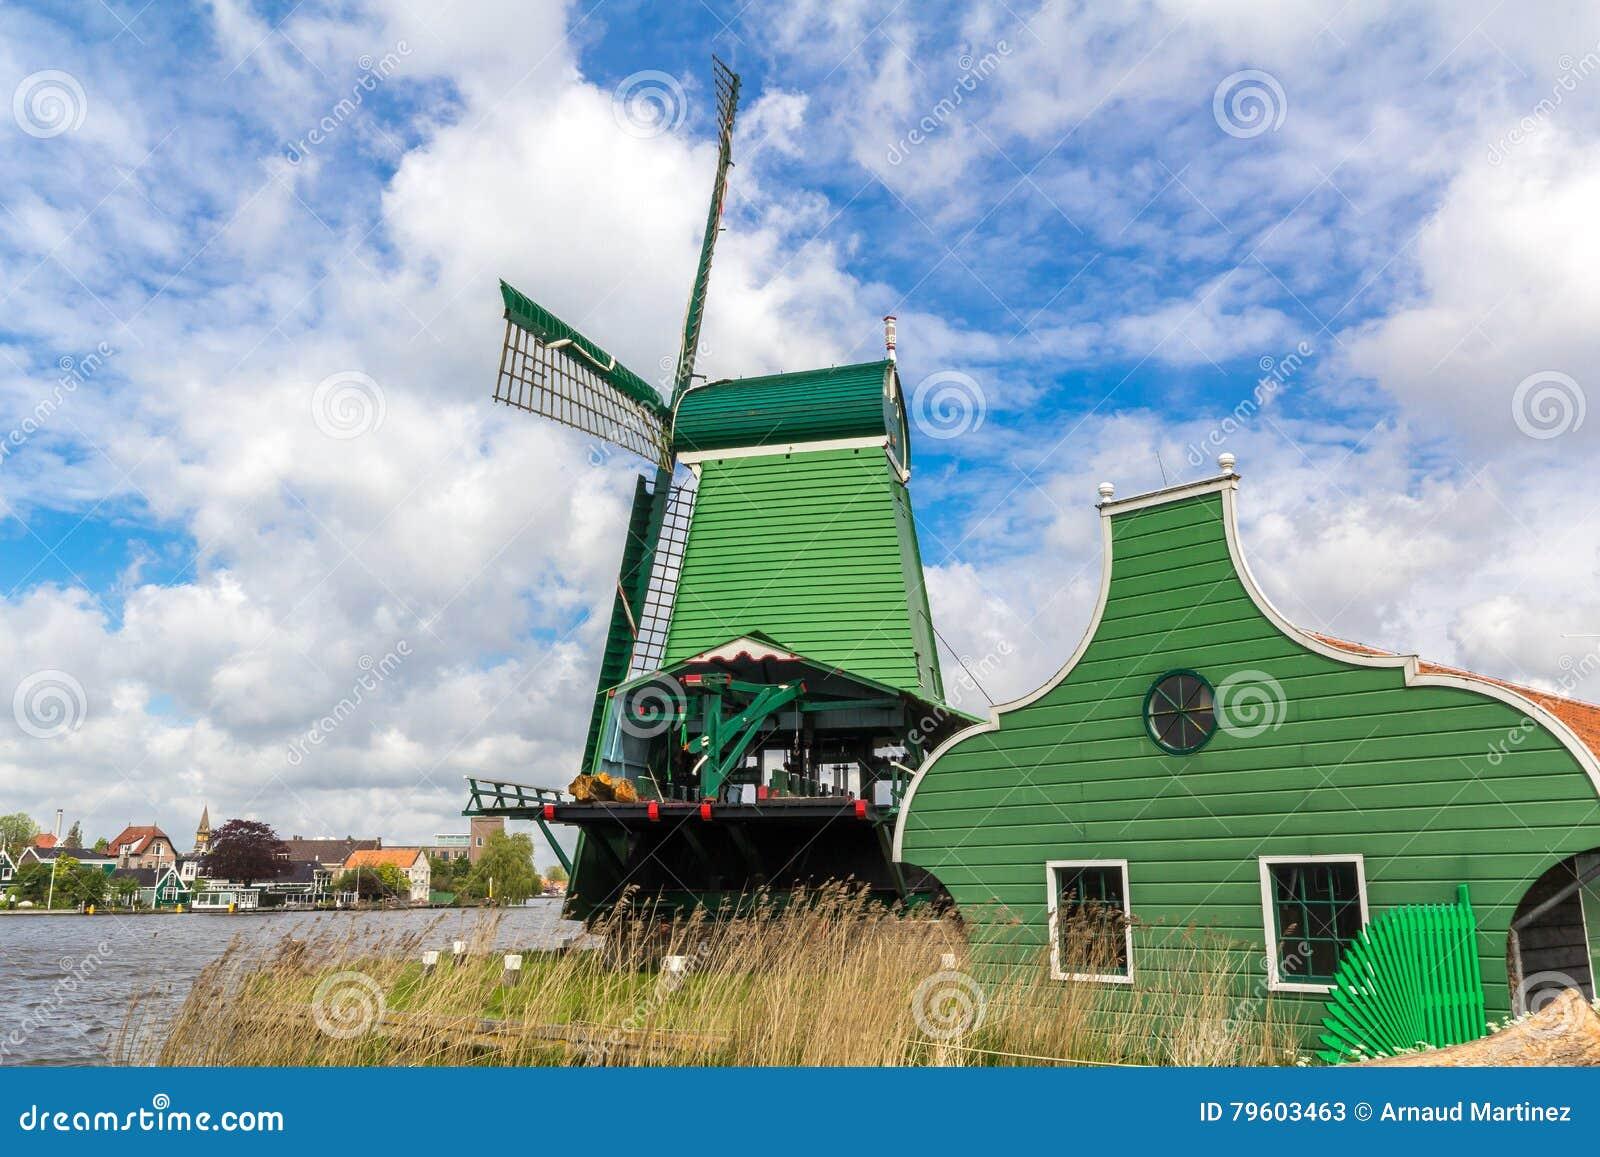 Moinhos de vento holandeses tradicionais em Zaanse Schans, Amsterdão